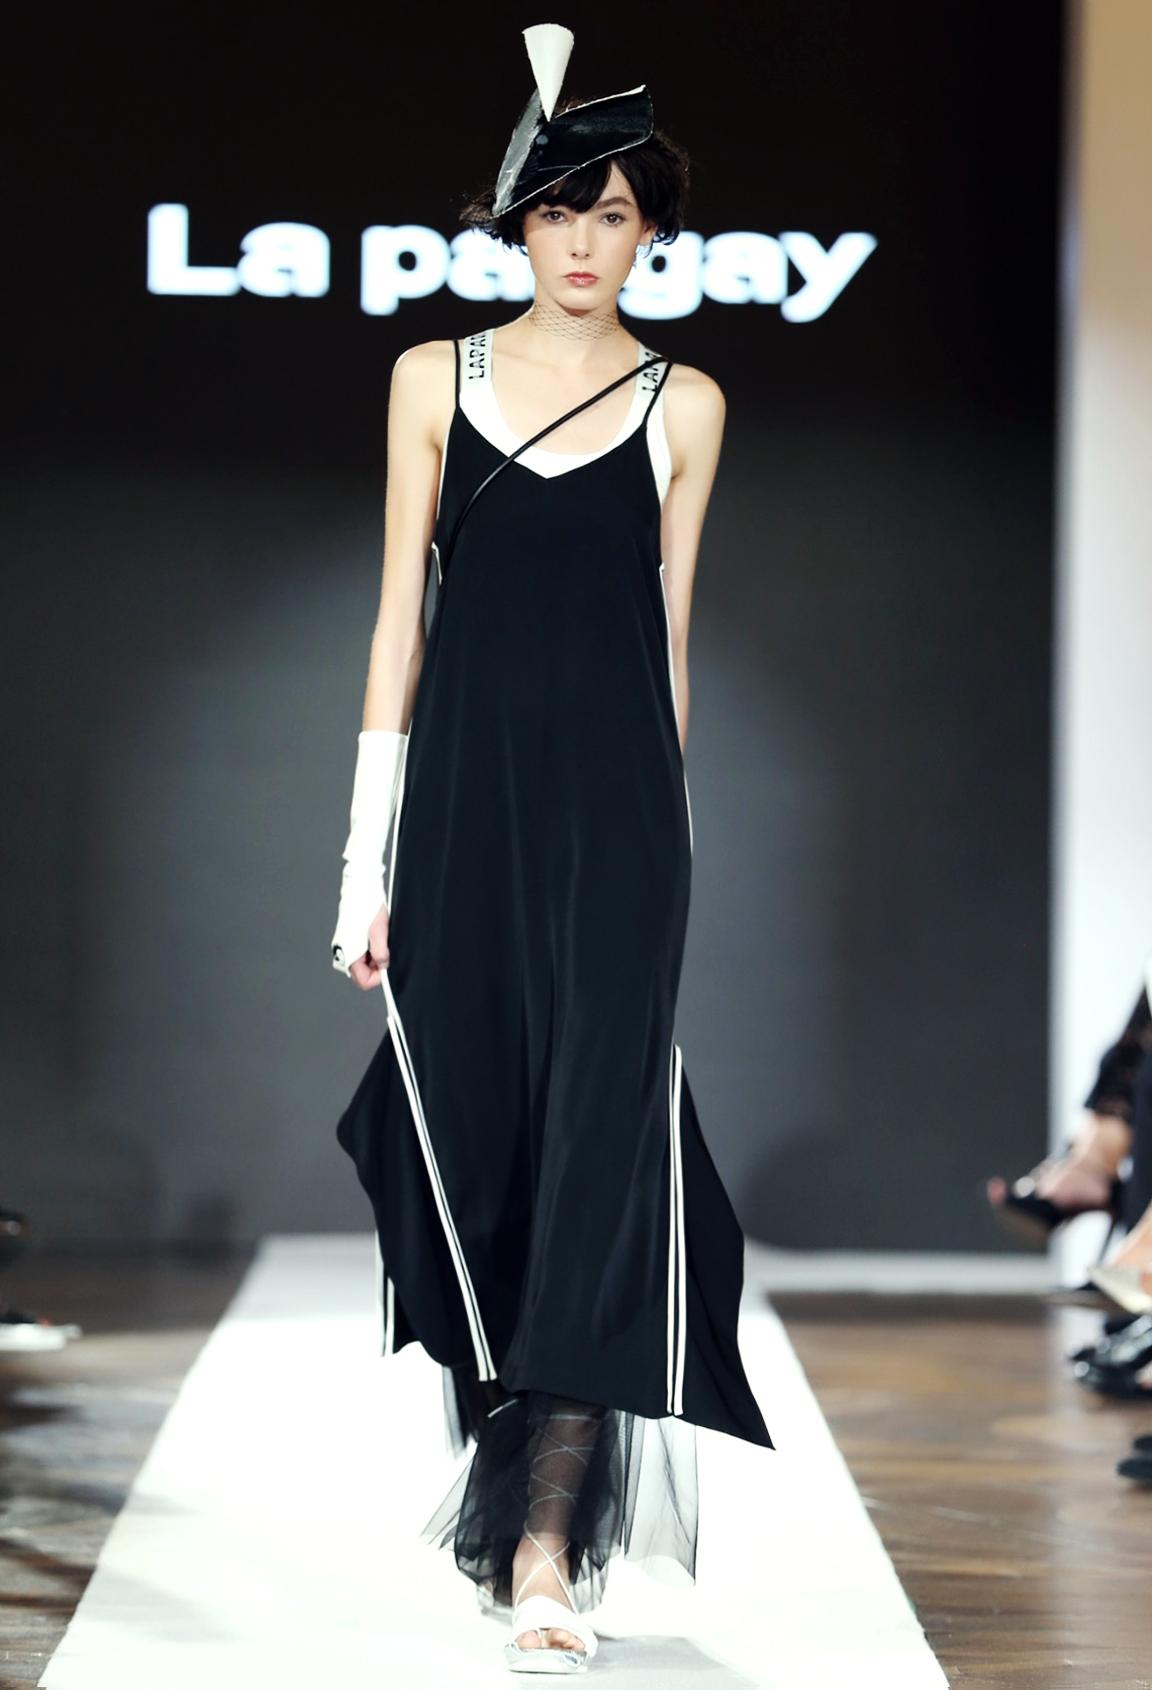 2018春夏米兰时装周设计师来芮携La pargay闪耀克莱